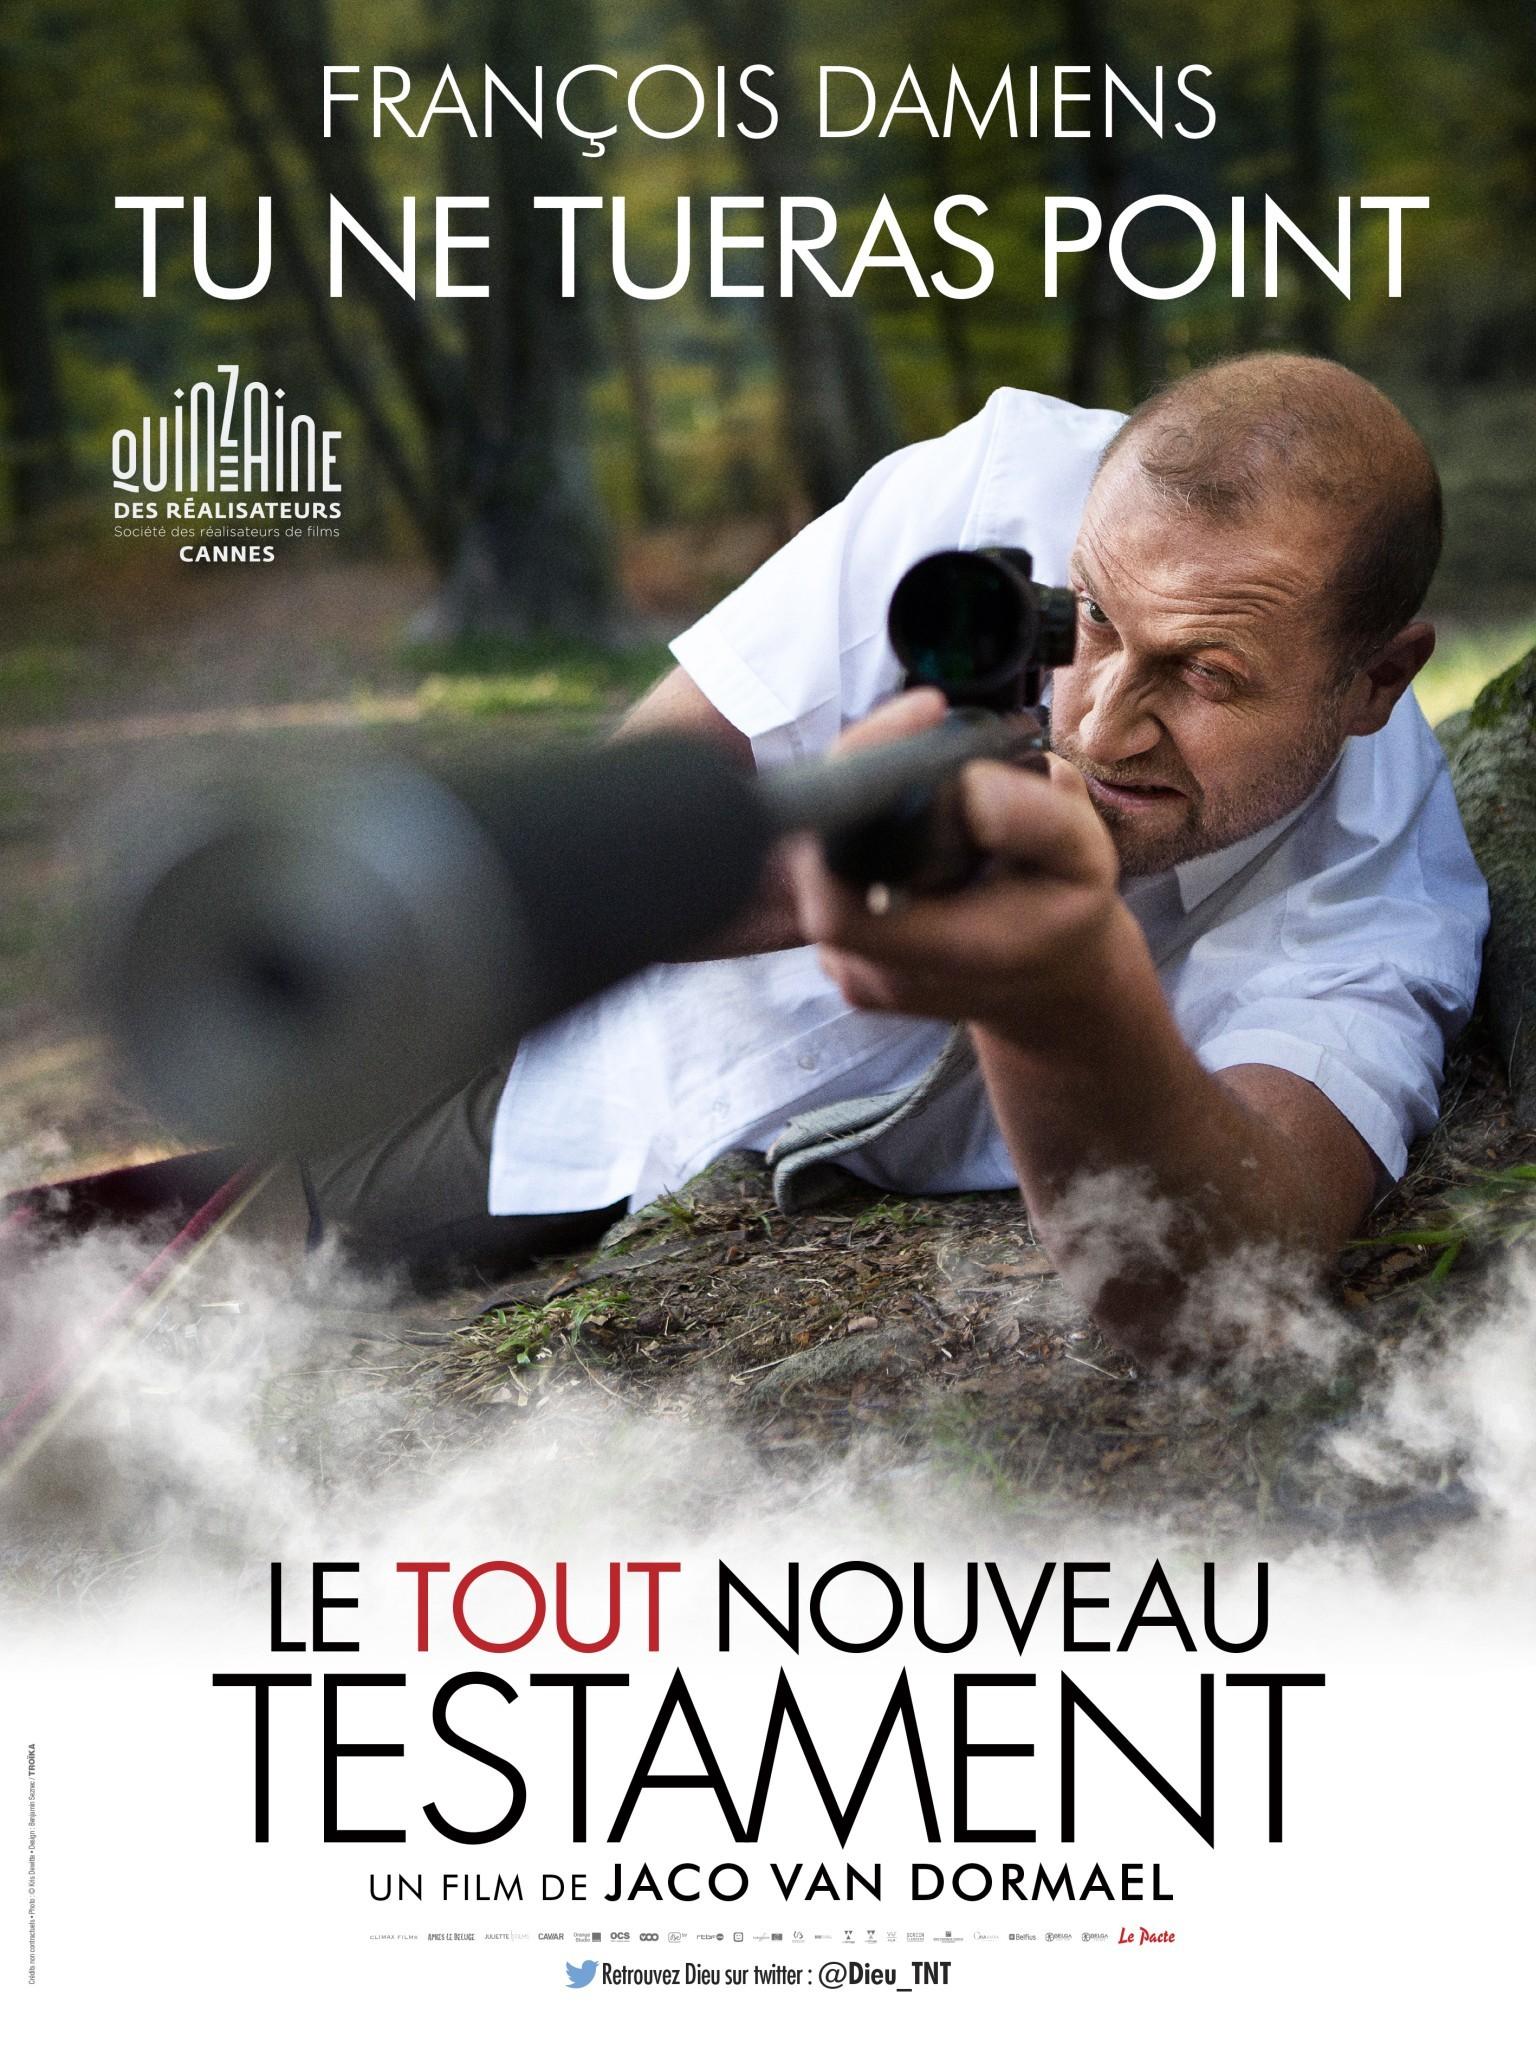 Le Tout Nouveau Testament - Affiche personnages